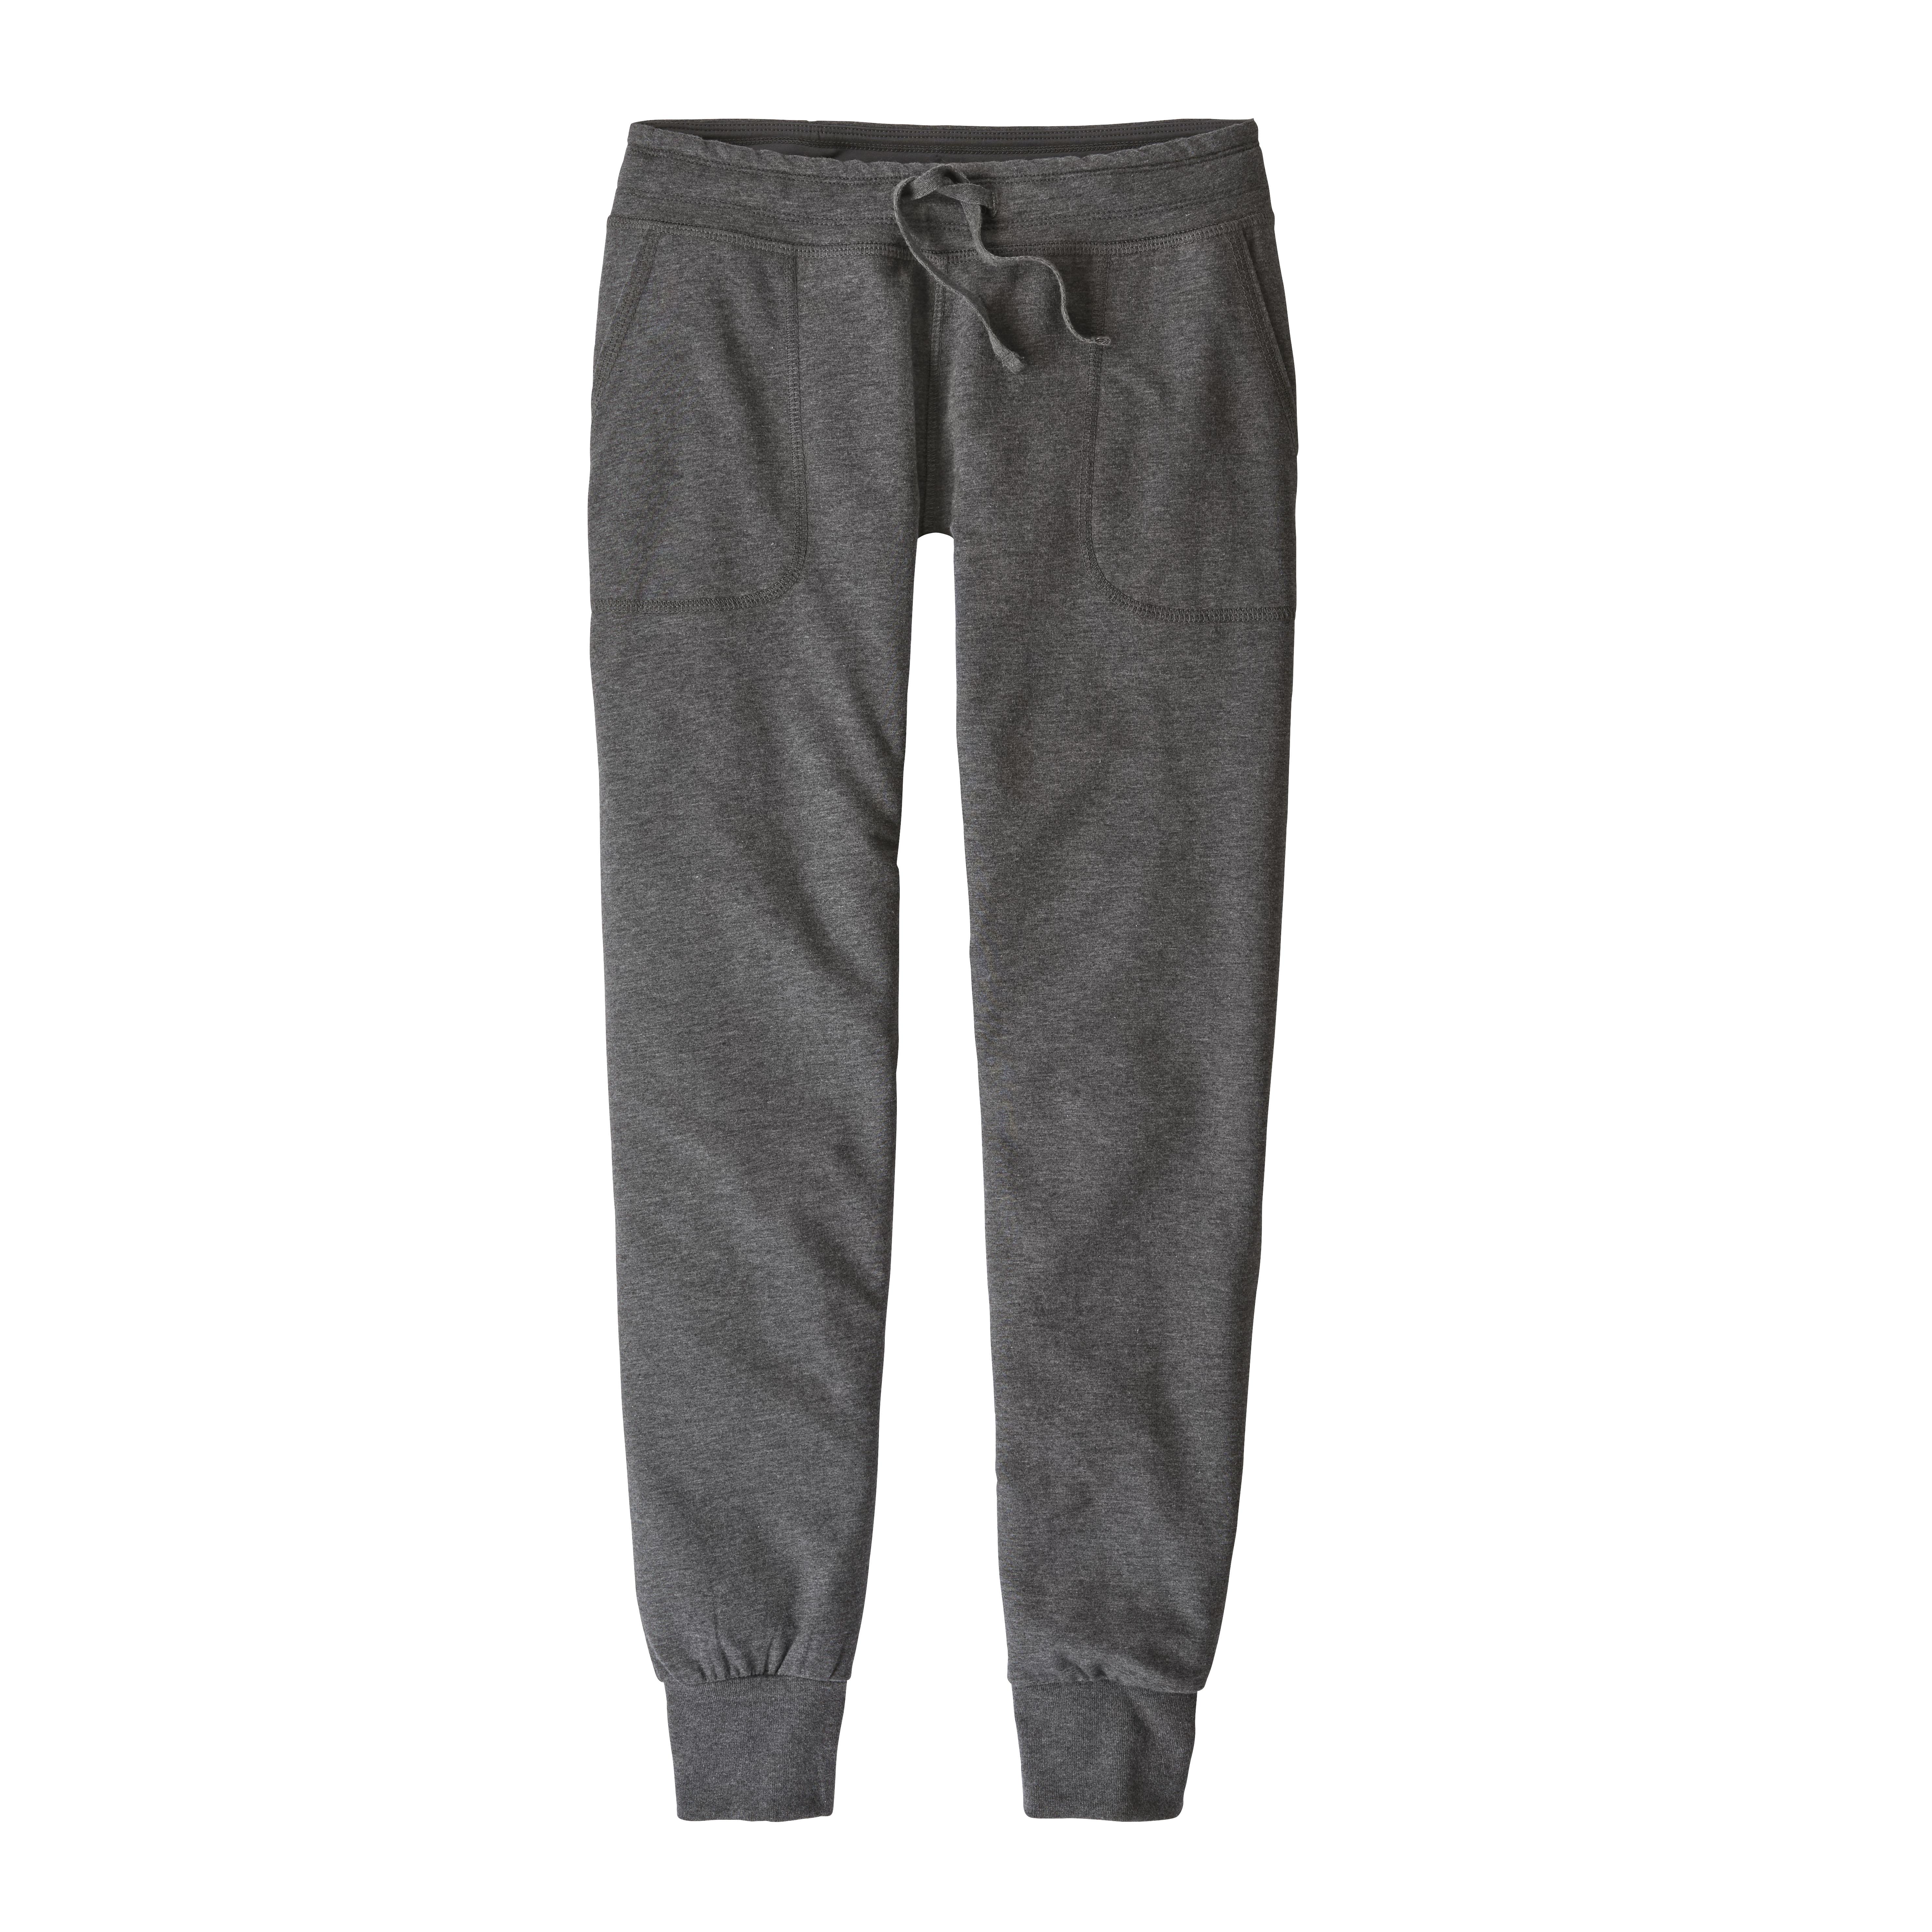 Patagonia Ahnya Pants - Sporthose - Damen